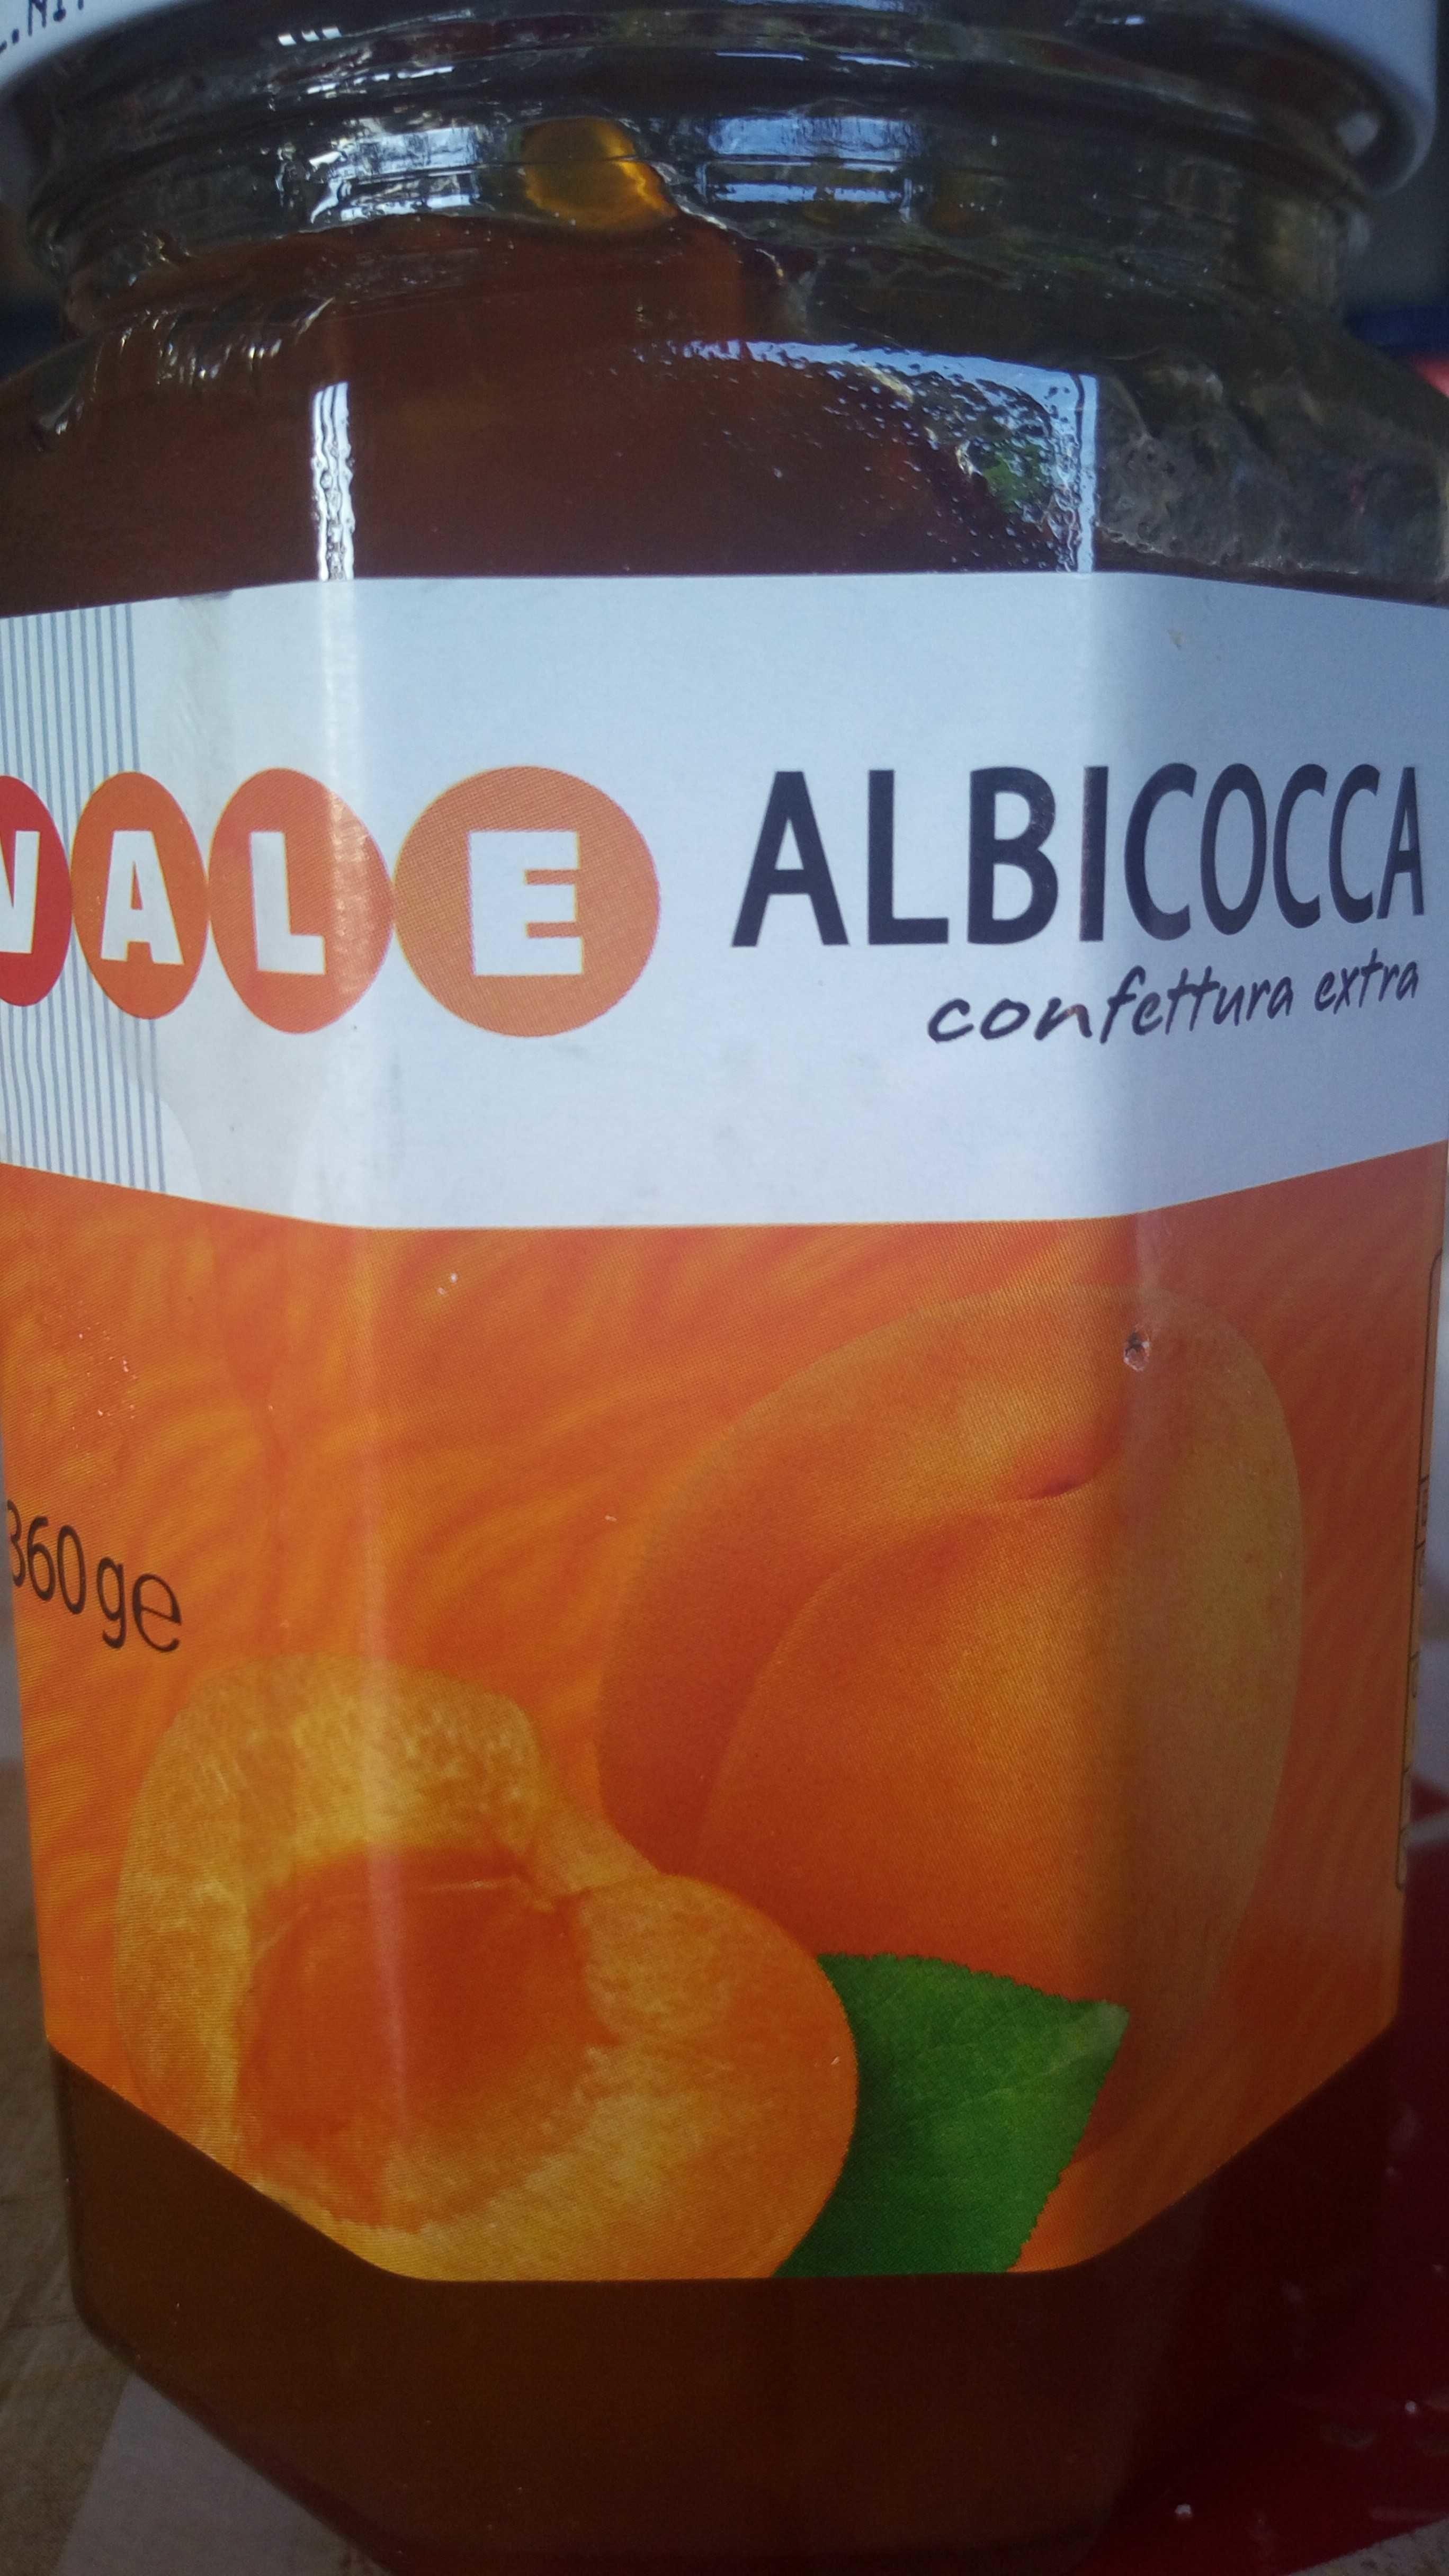 Confettura albicocca - Product